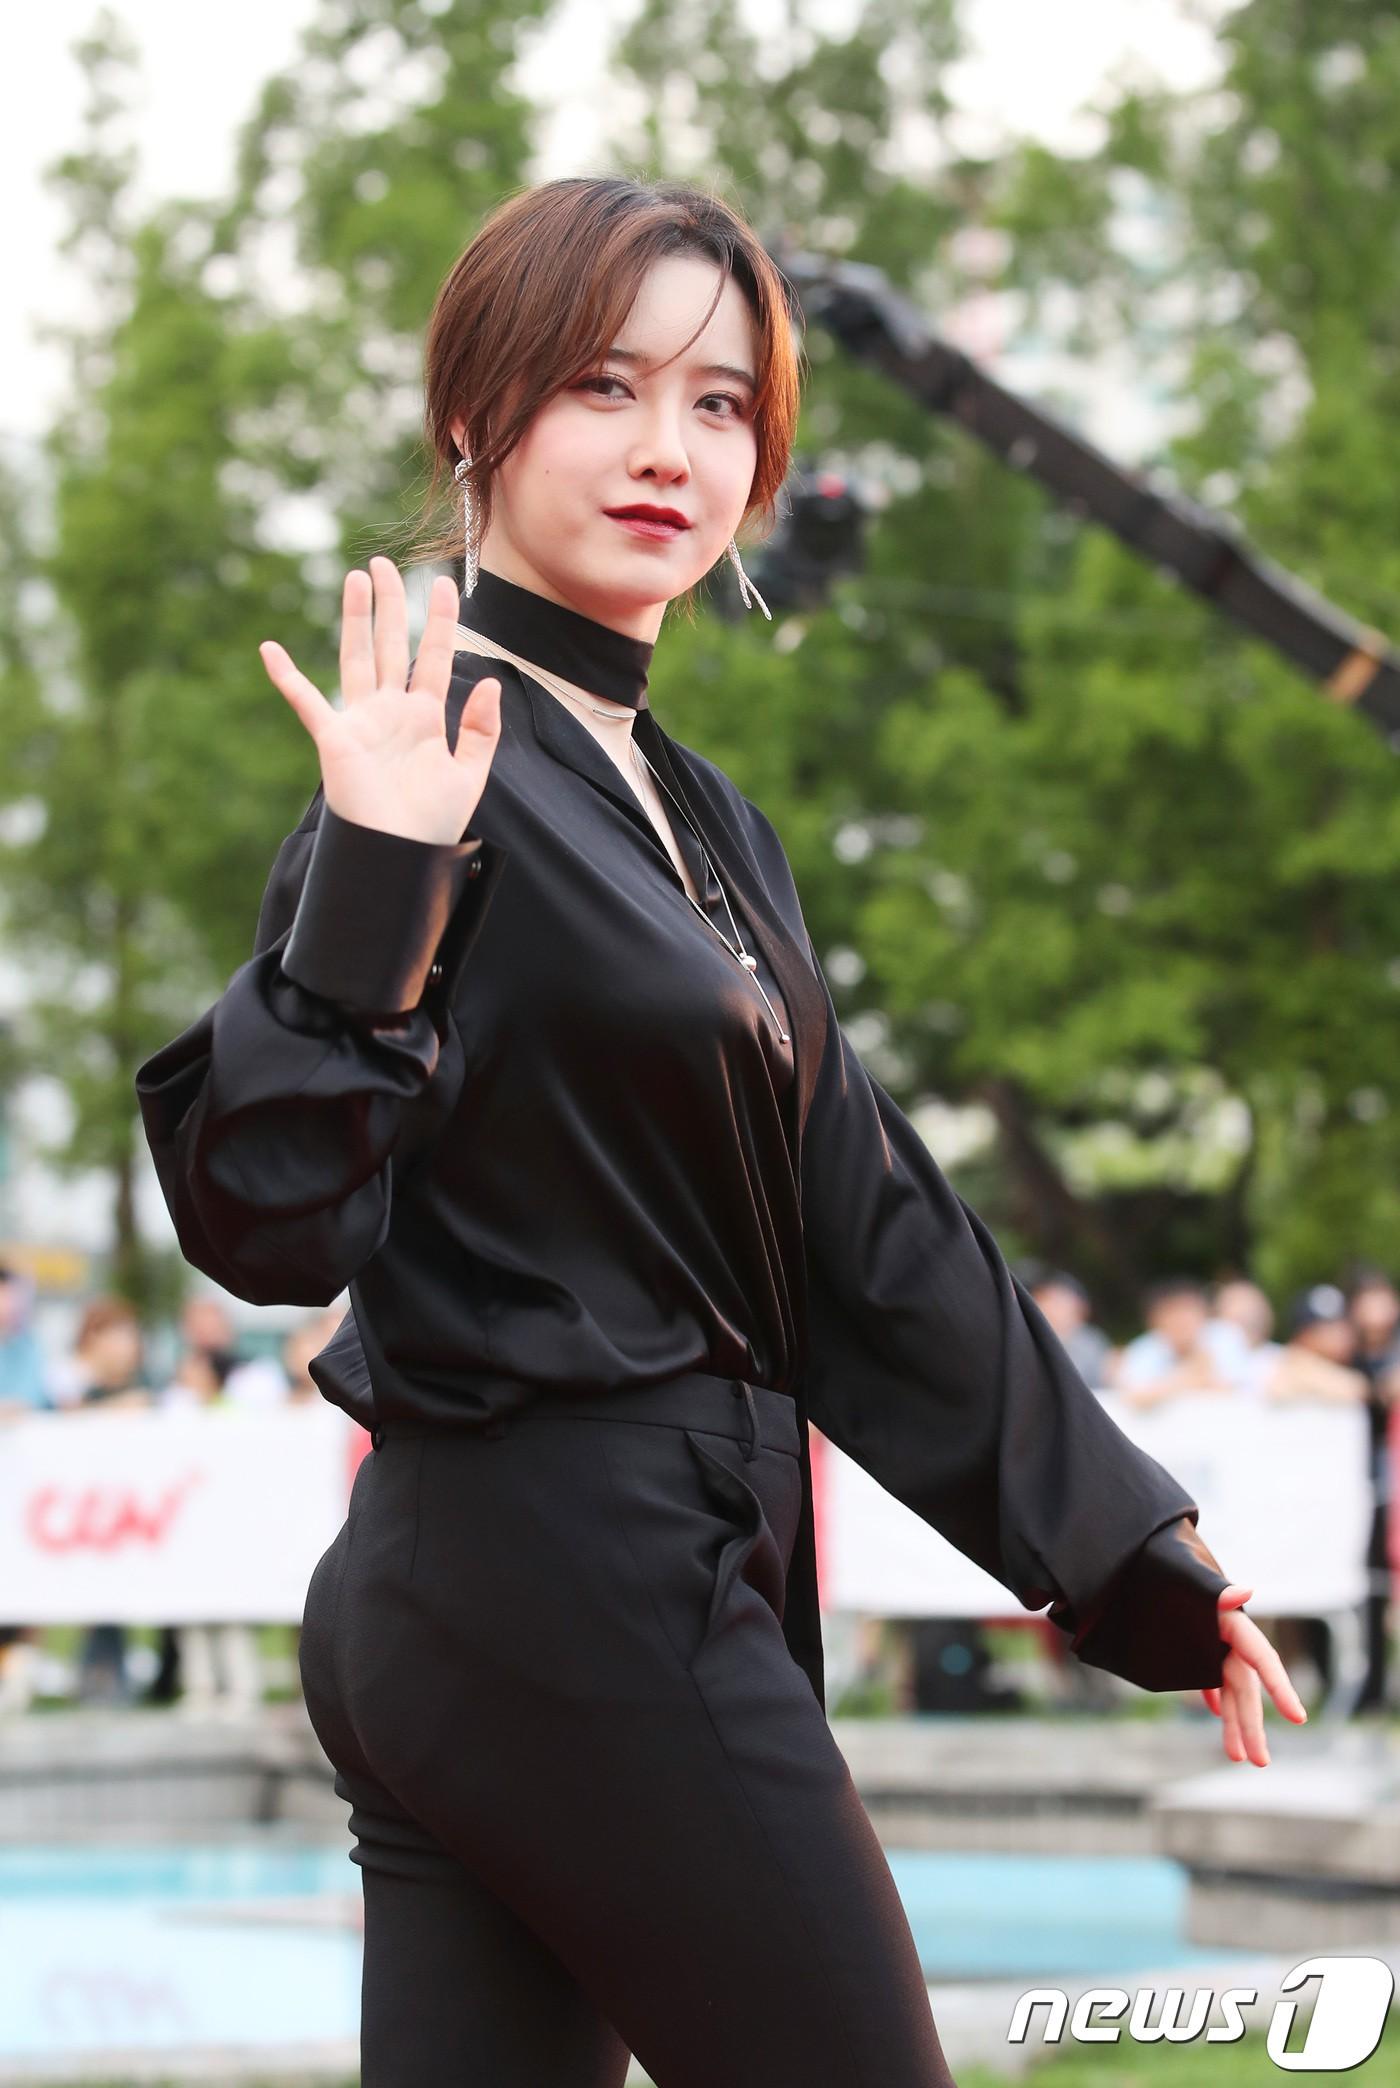 Bỗng phát tướng và liên tục che bụng, Goo Hye Sun bị nghi mang thai con đầu lòng với Ahn Jae Hyun - Ảnh 5.